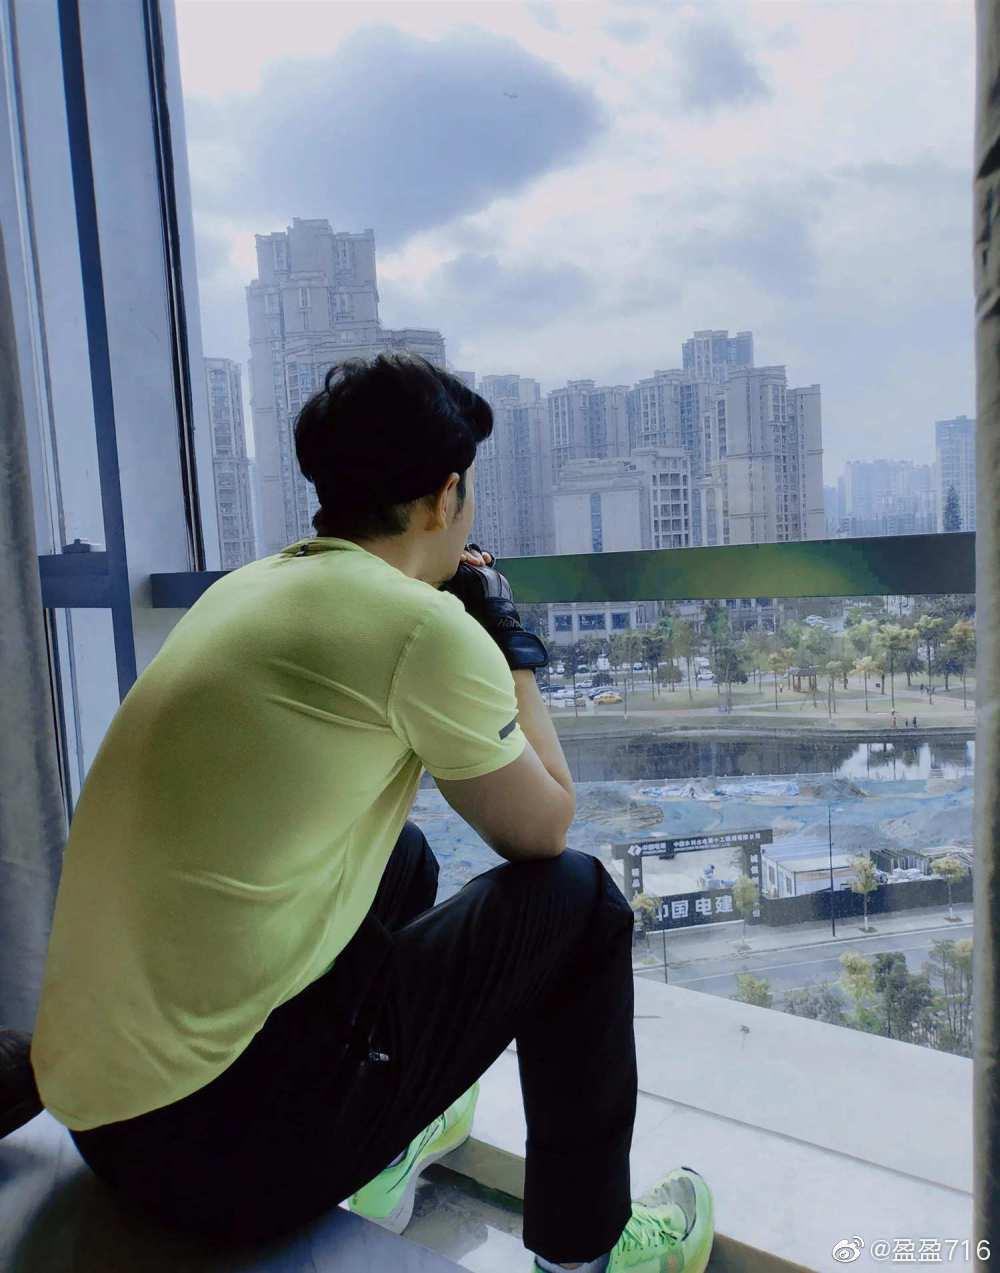 黃曉明自曝在飯店隔離中。 圖/擷自微博